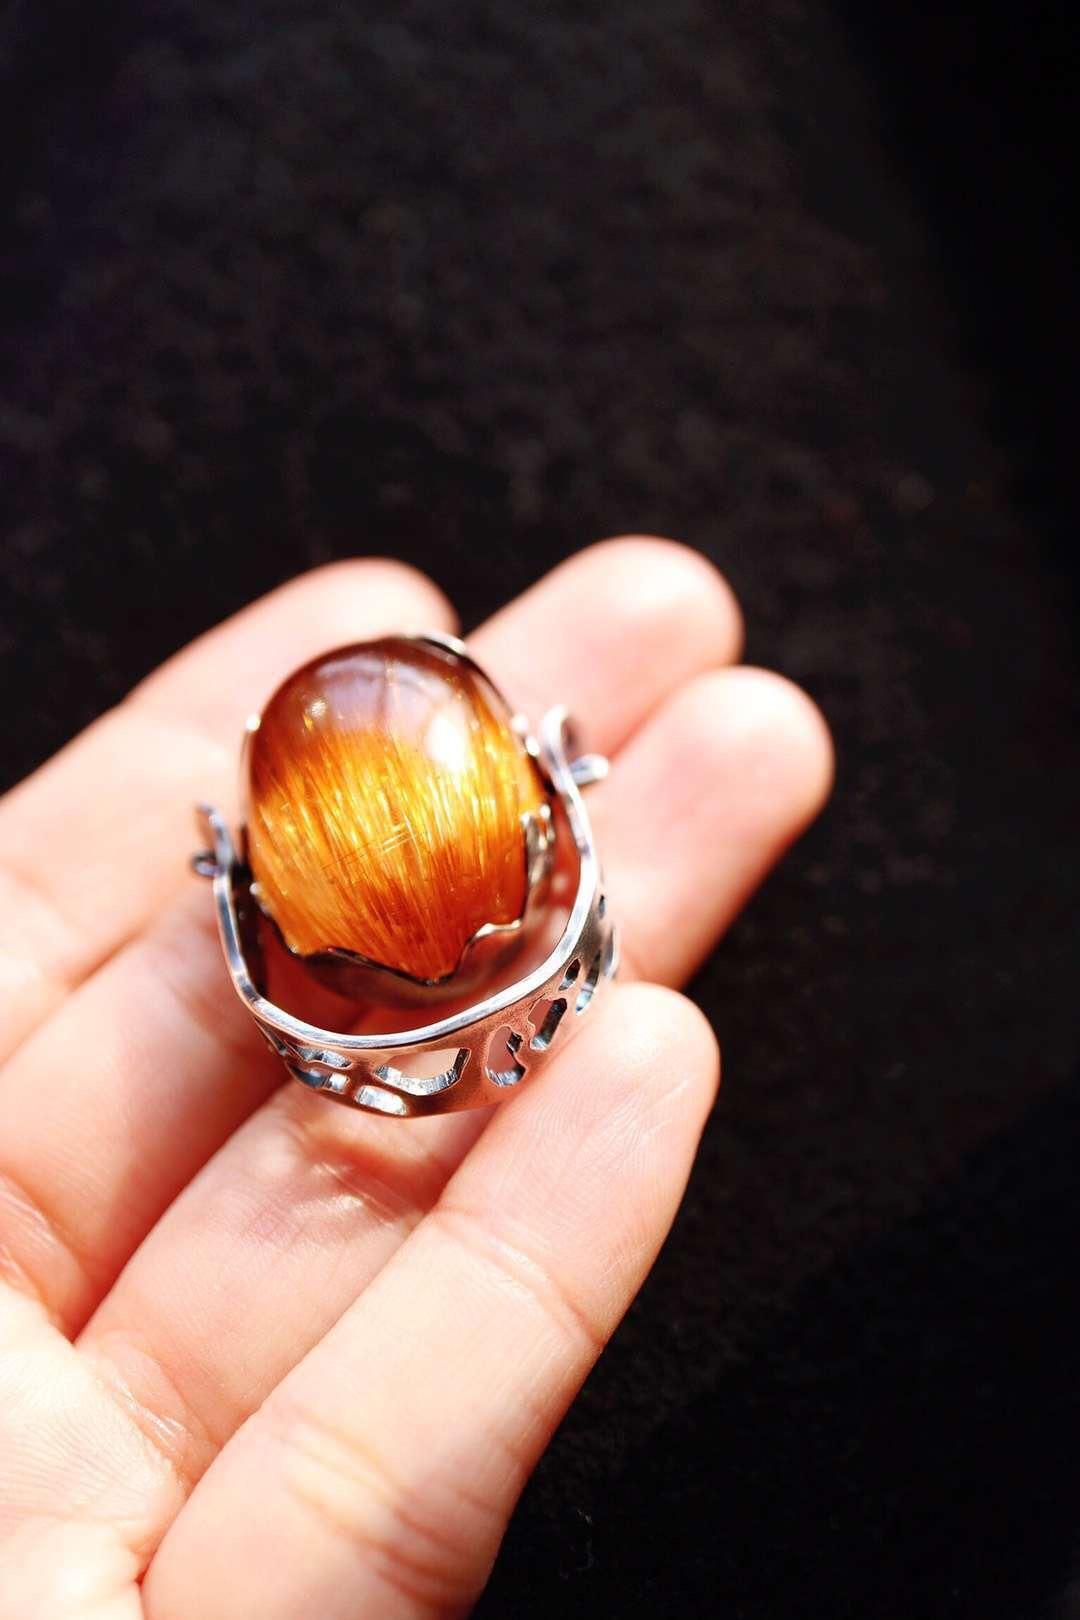 【菩心-铜发晶&吊坠戒指两用】菩心晶舍家的美物,每件看着都像糖果-菩心晶舍